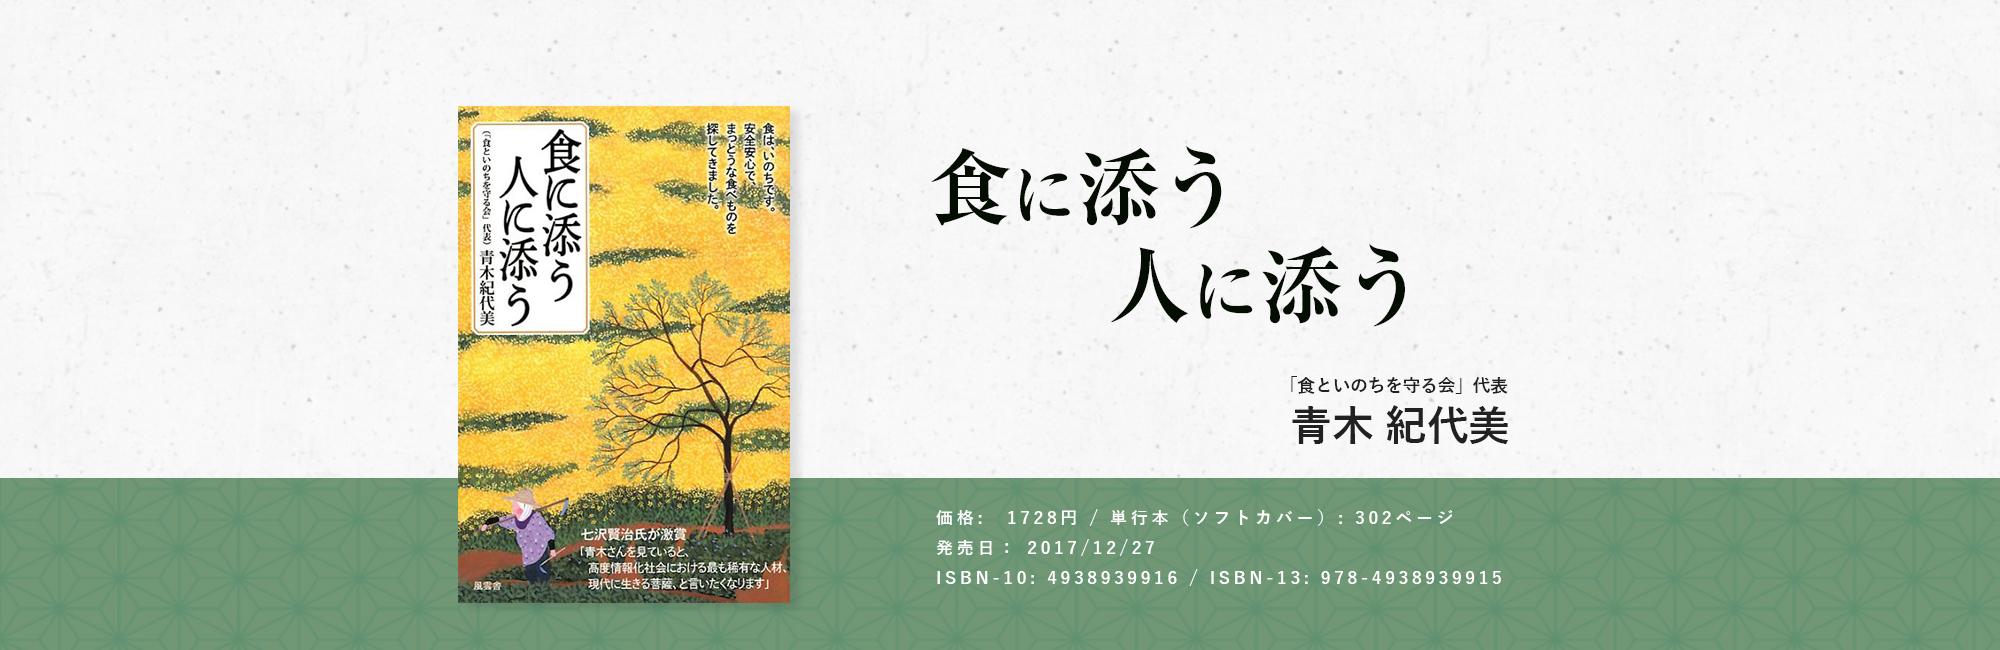 books_bnr3